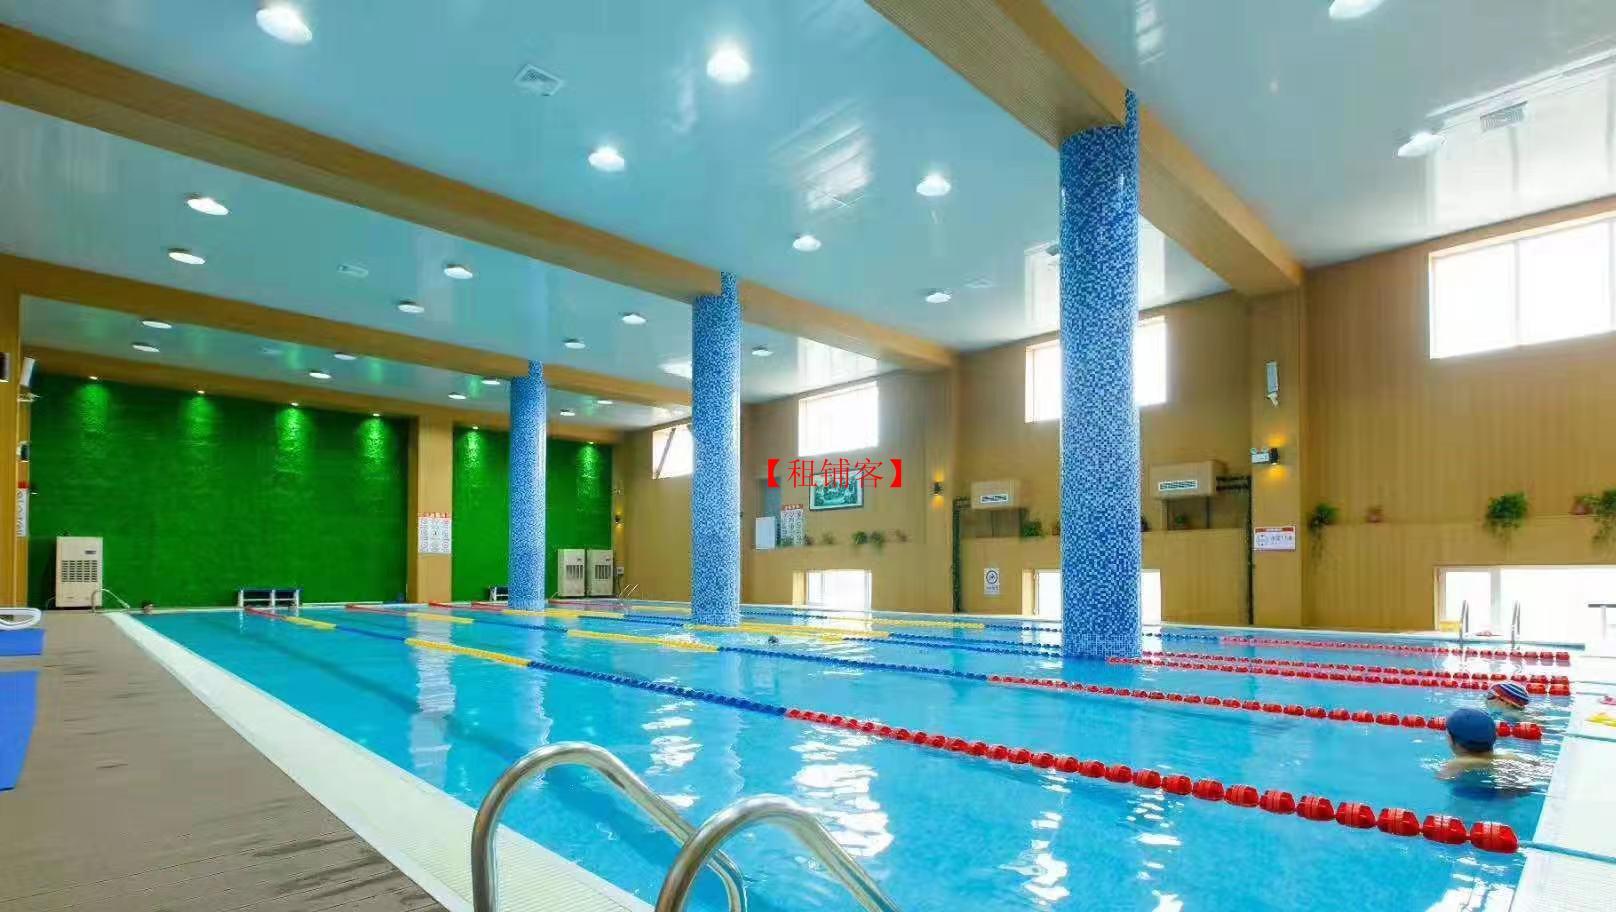 转让津南双港商业街健身房+游泳馆 价格可议